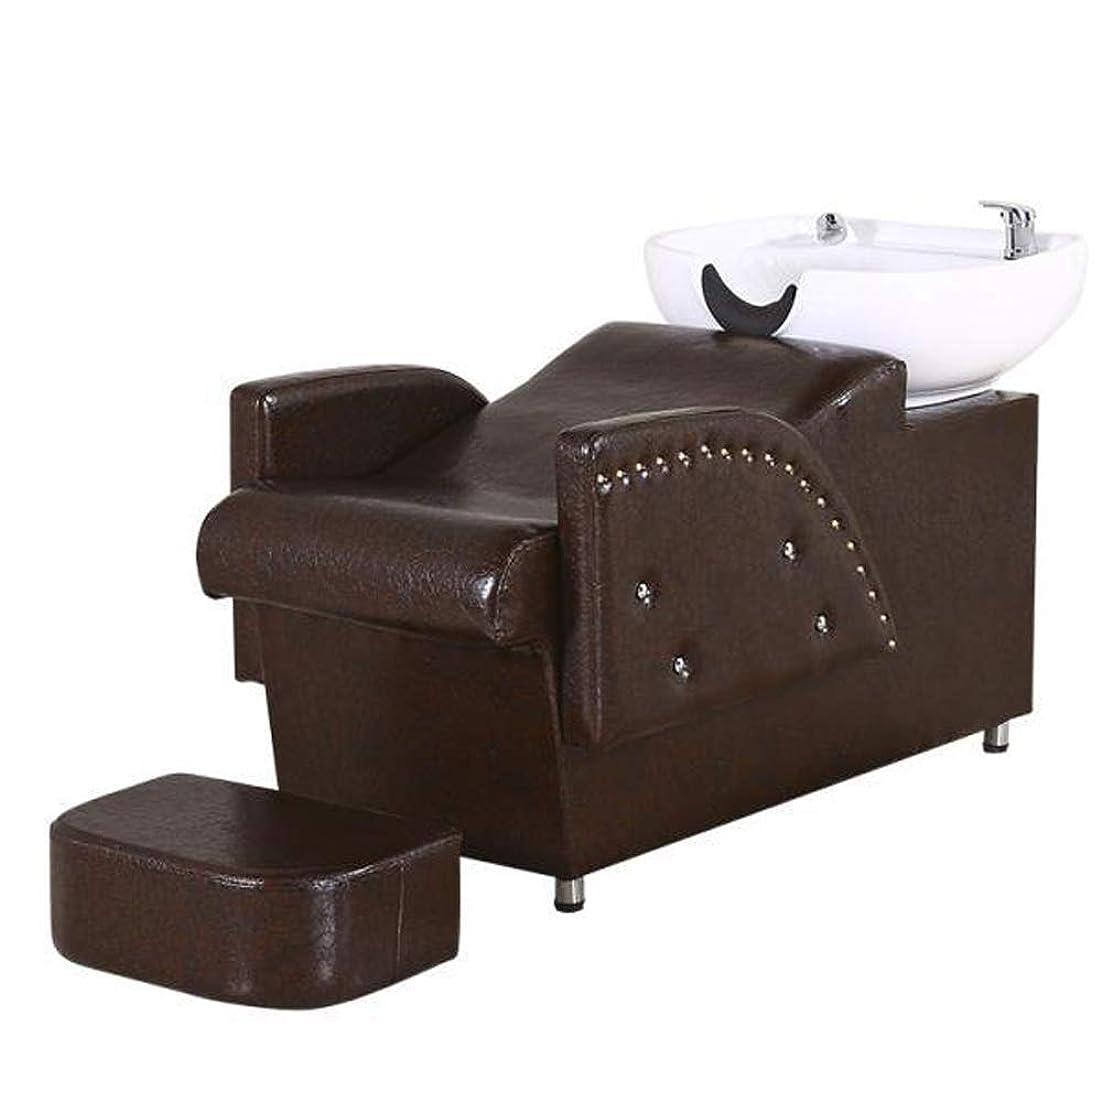 無知存在考慮シャンプー椅子、逆洗ユニットシャンプーボウル理髪シンク椅子スパ美容院機器半横臥シャンプーベッド